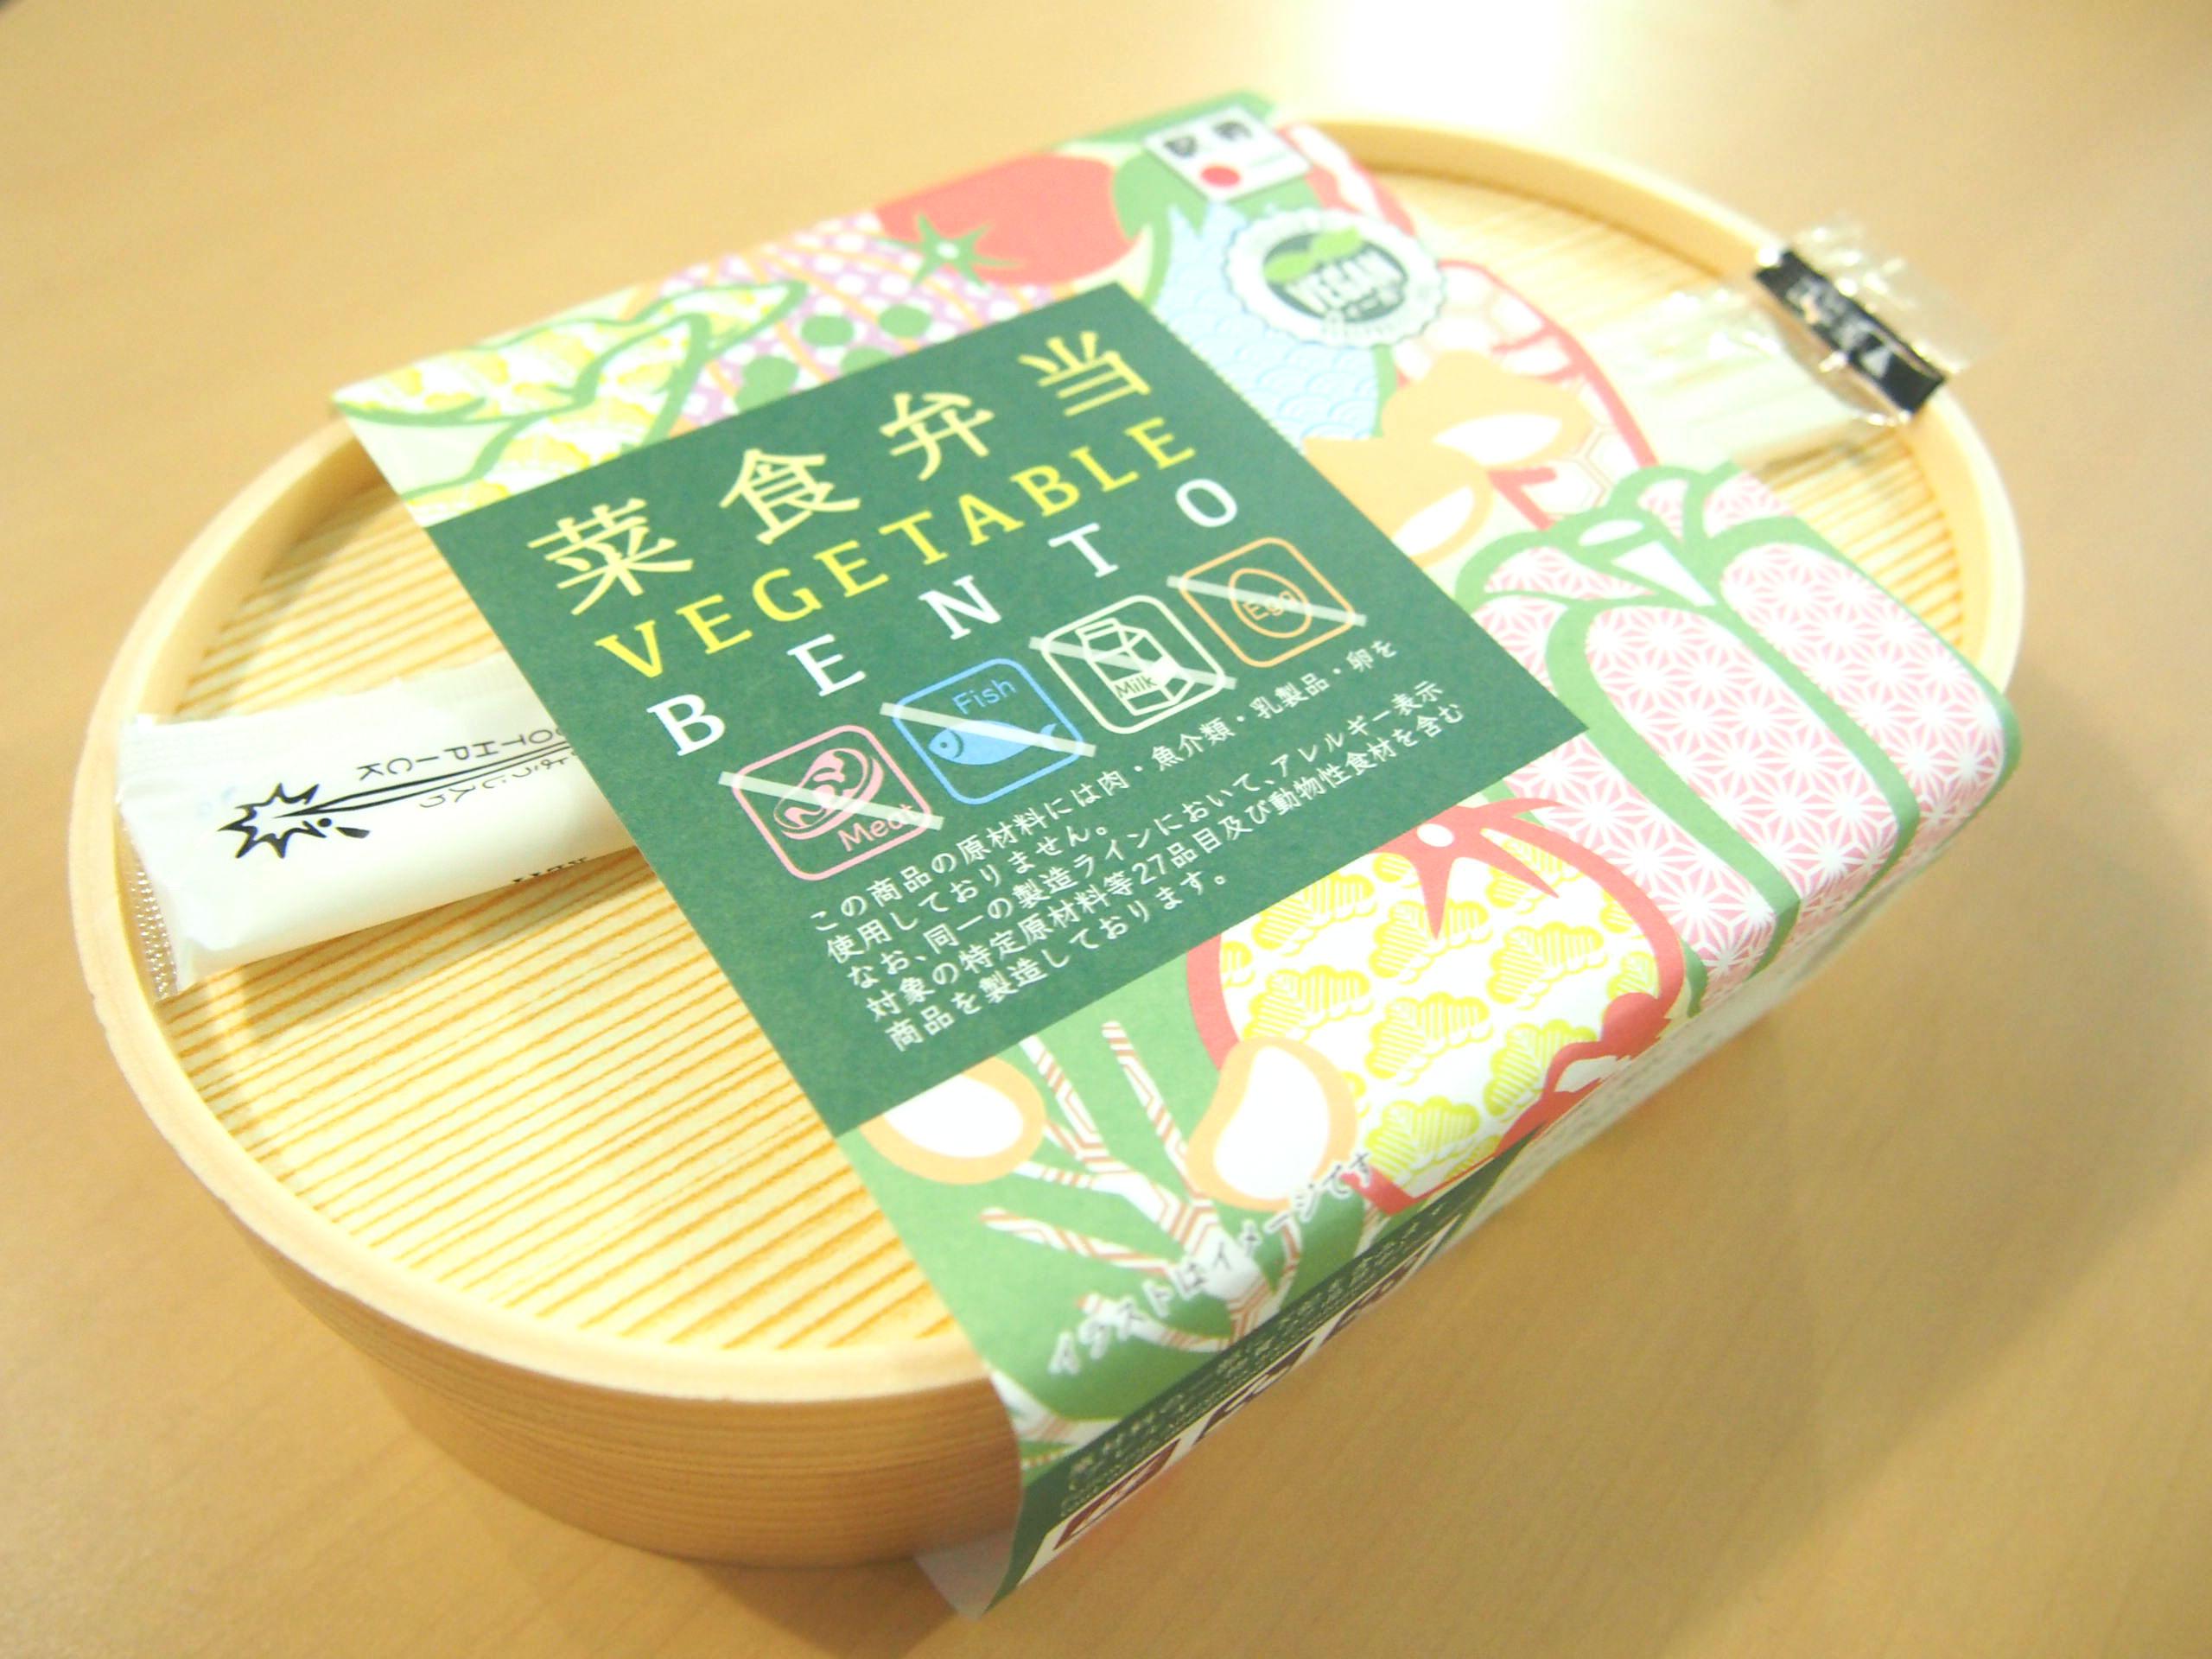 Saishoku Bento (Vegan Lunch Box)